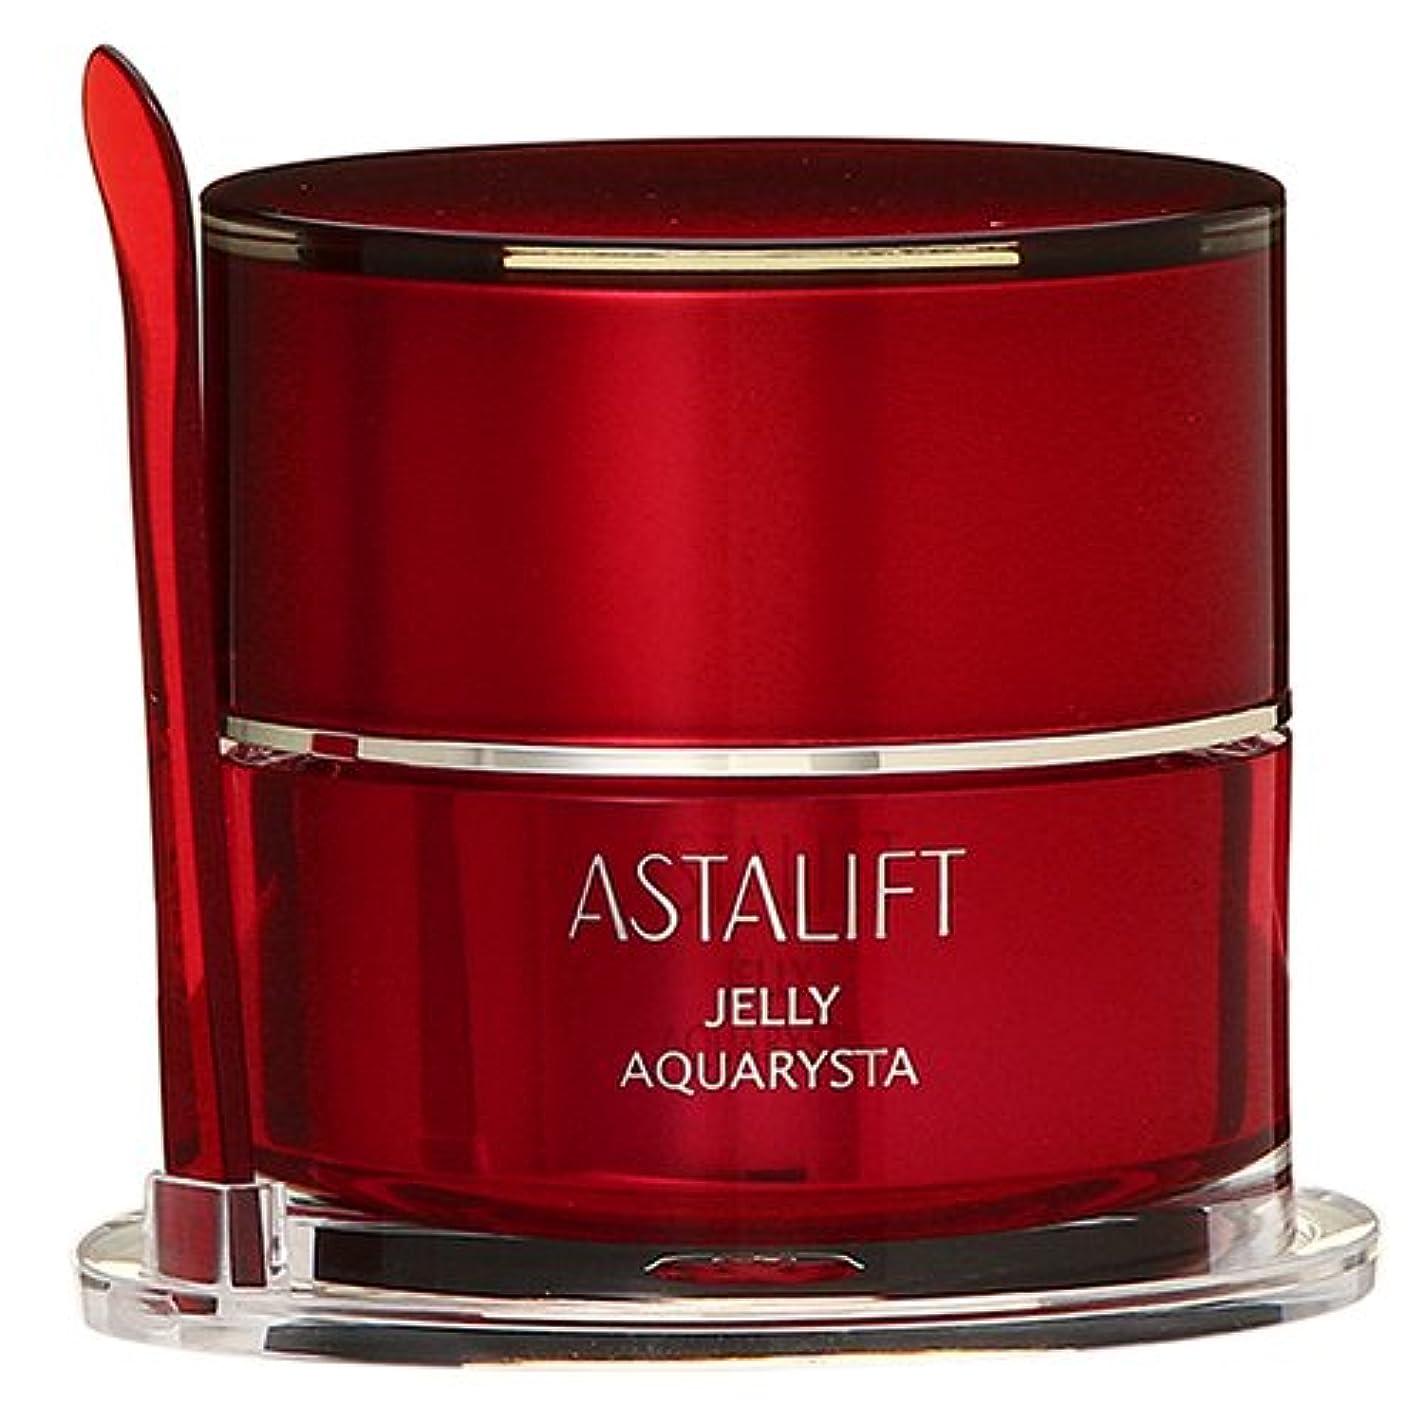 物質一時的スクリューフジフイルム アスタリフト ジェリーアクアリスタ 60g 並行輸入品 4547410300444